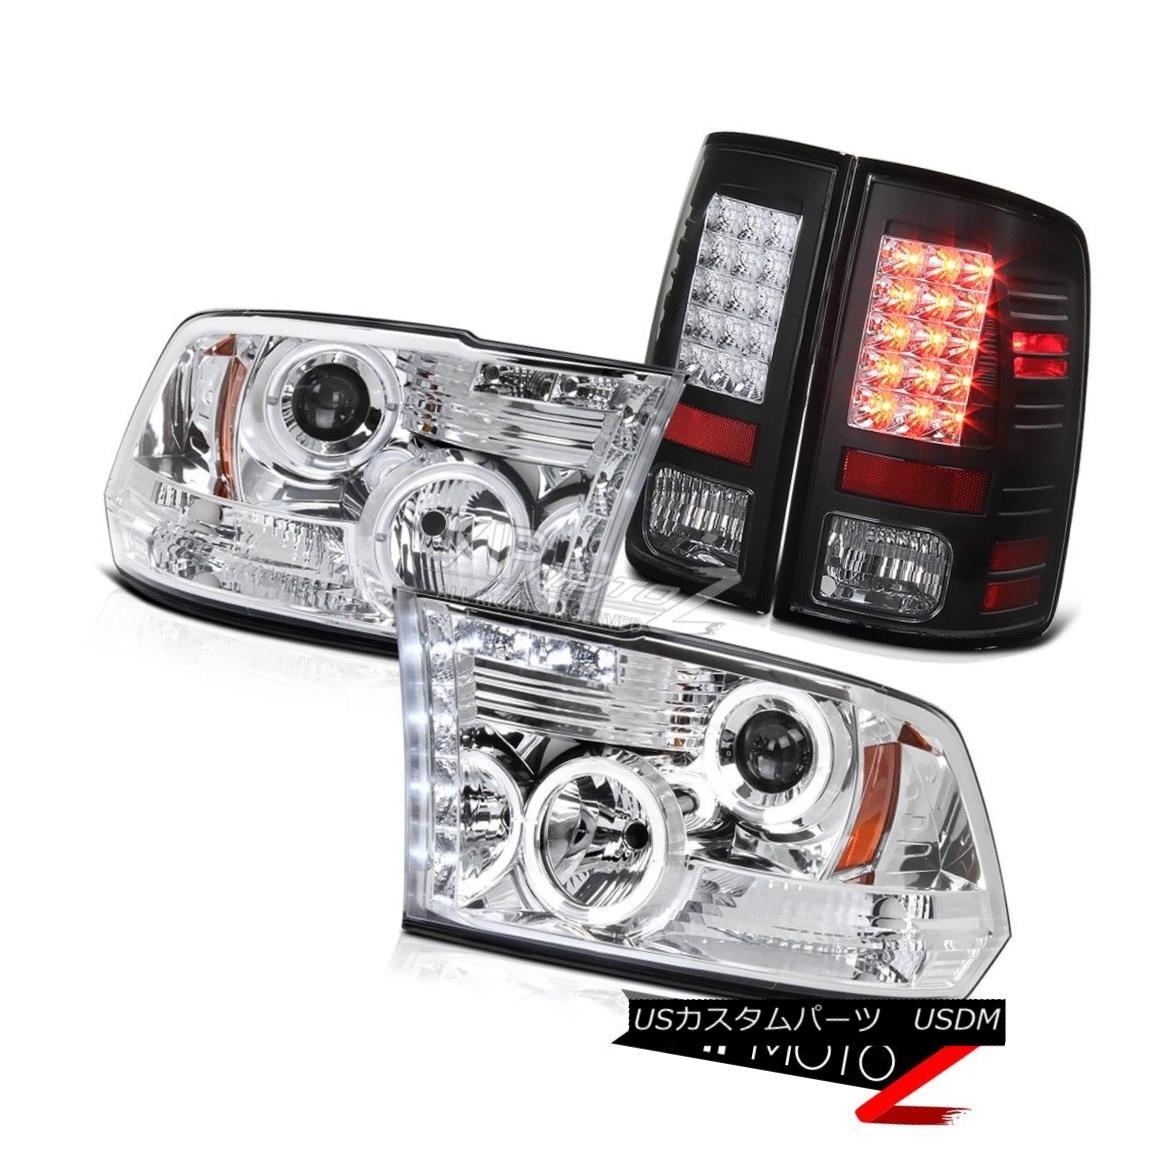 テールライト Projector Headlight+Black LED Tail Light Dodge Ram 2009-2014 2015 2016 2017 2018 プロジェクターヘッドライト+ Blac k LEDテールライトドッジラム2009-2014 2015 2016 2017 2018